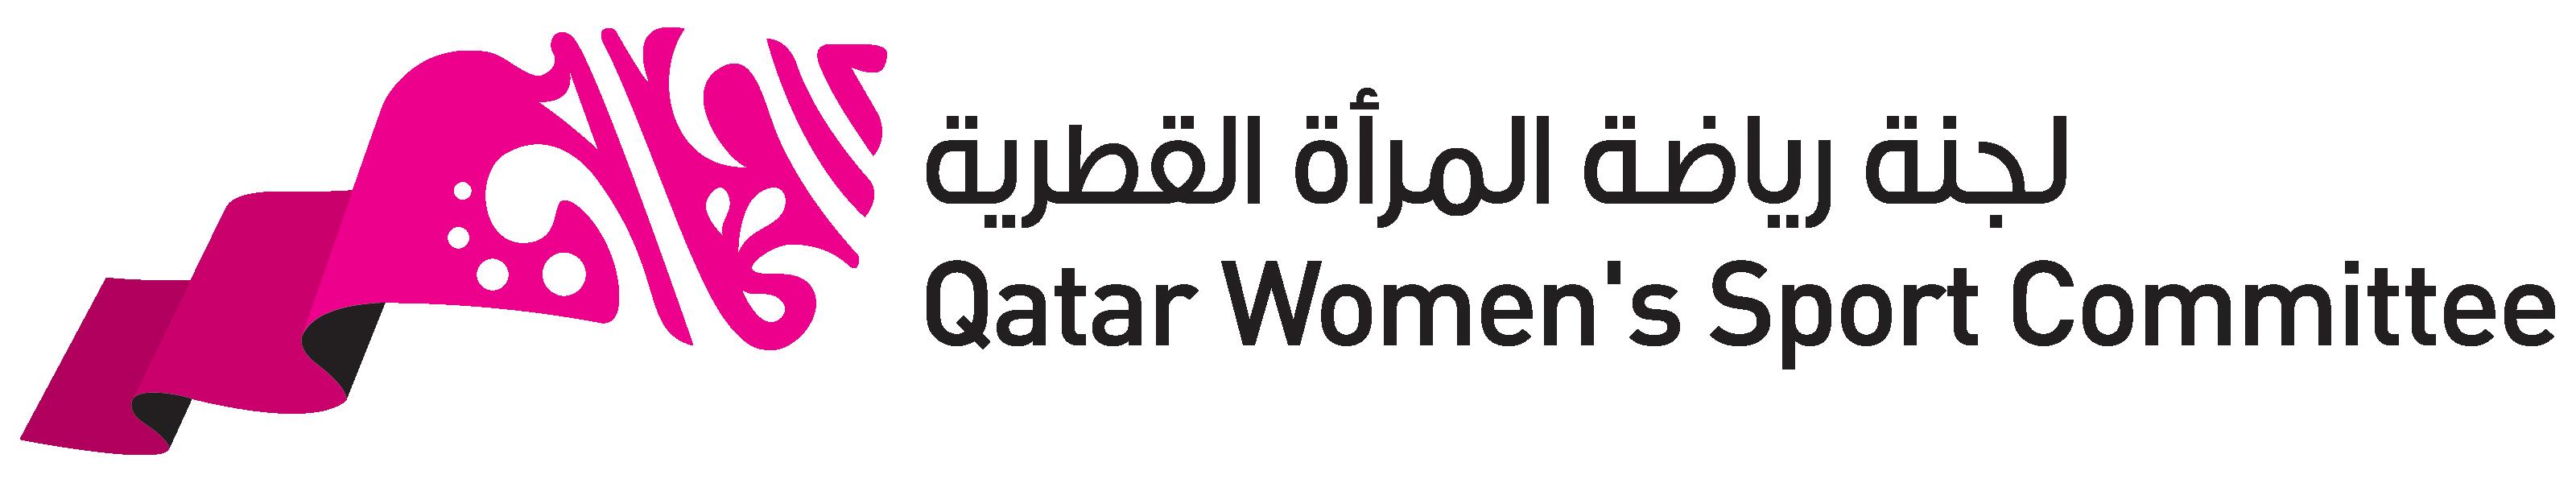 لجنة رياضة المرأه القطريه